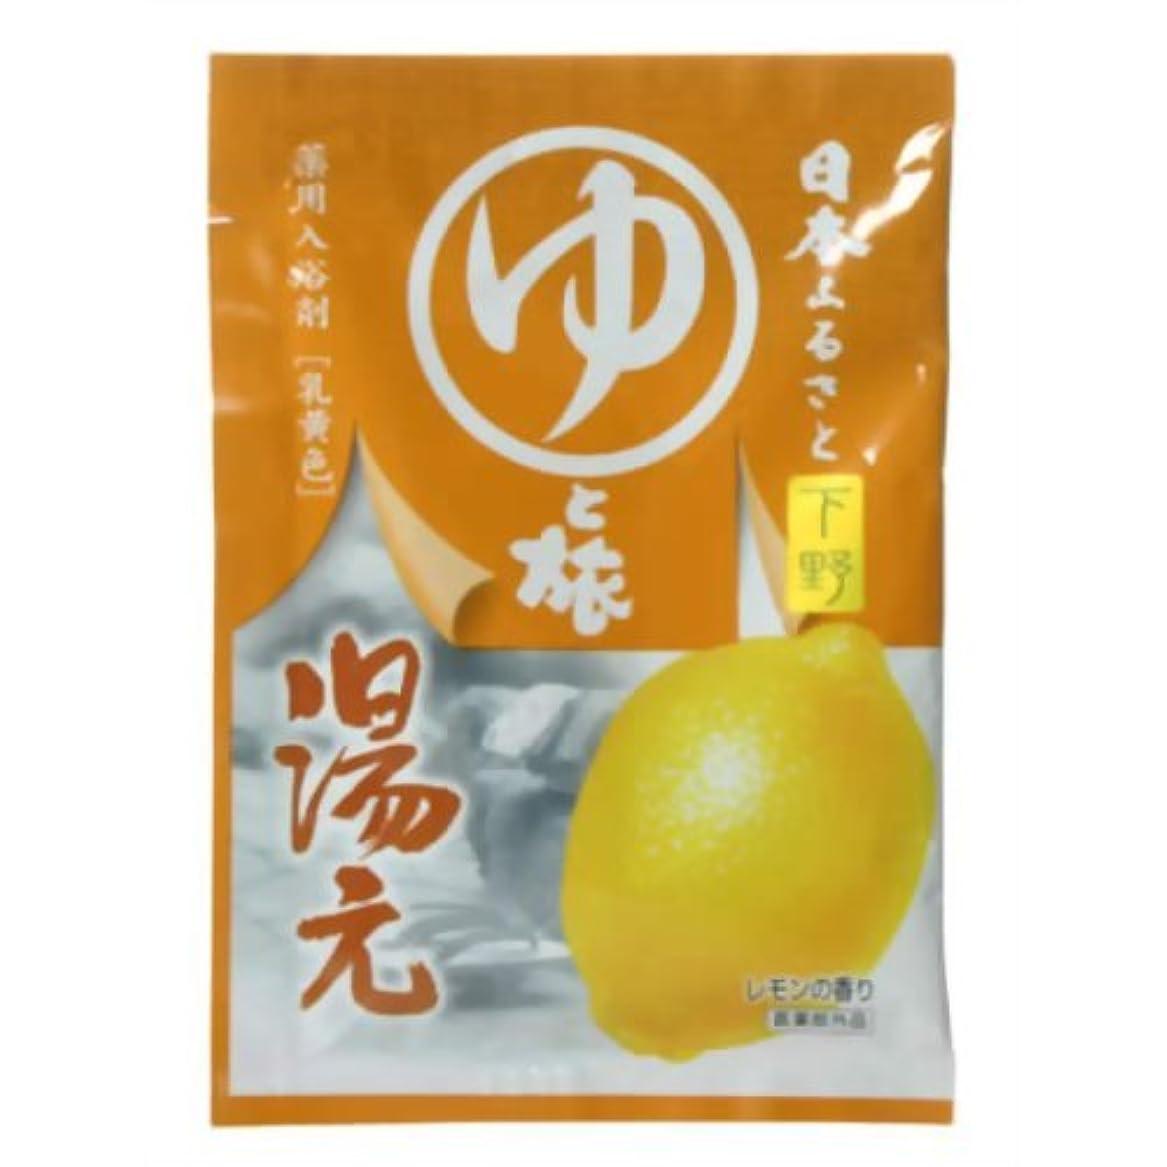 裏切りセマフォカレンダーヤマサキの入浴剤シリーズ 湯元(入浴剤)